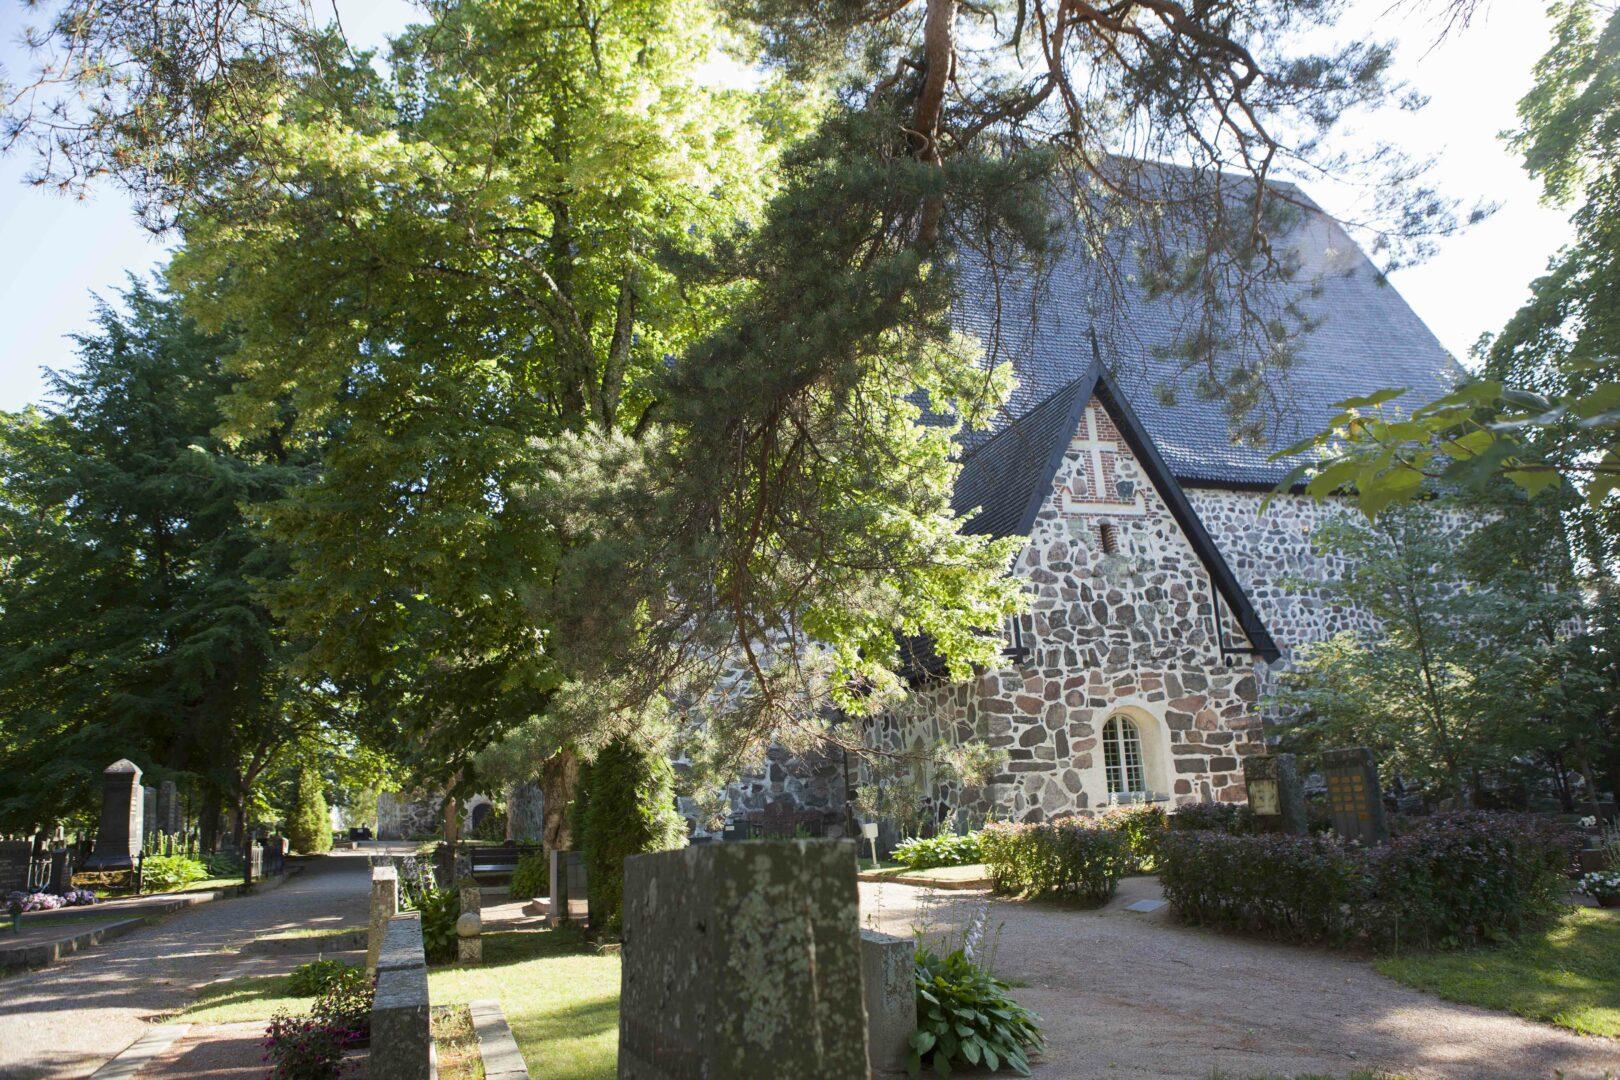 Pyhän Laurin kirkko on rakennettu 1400-luvun lopulla.